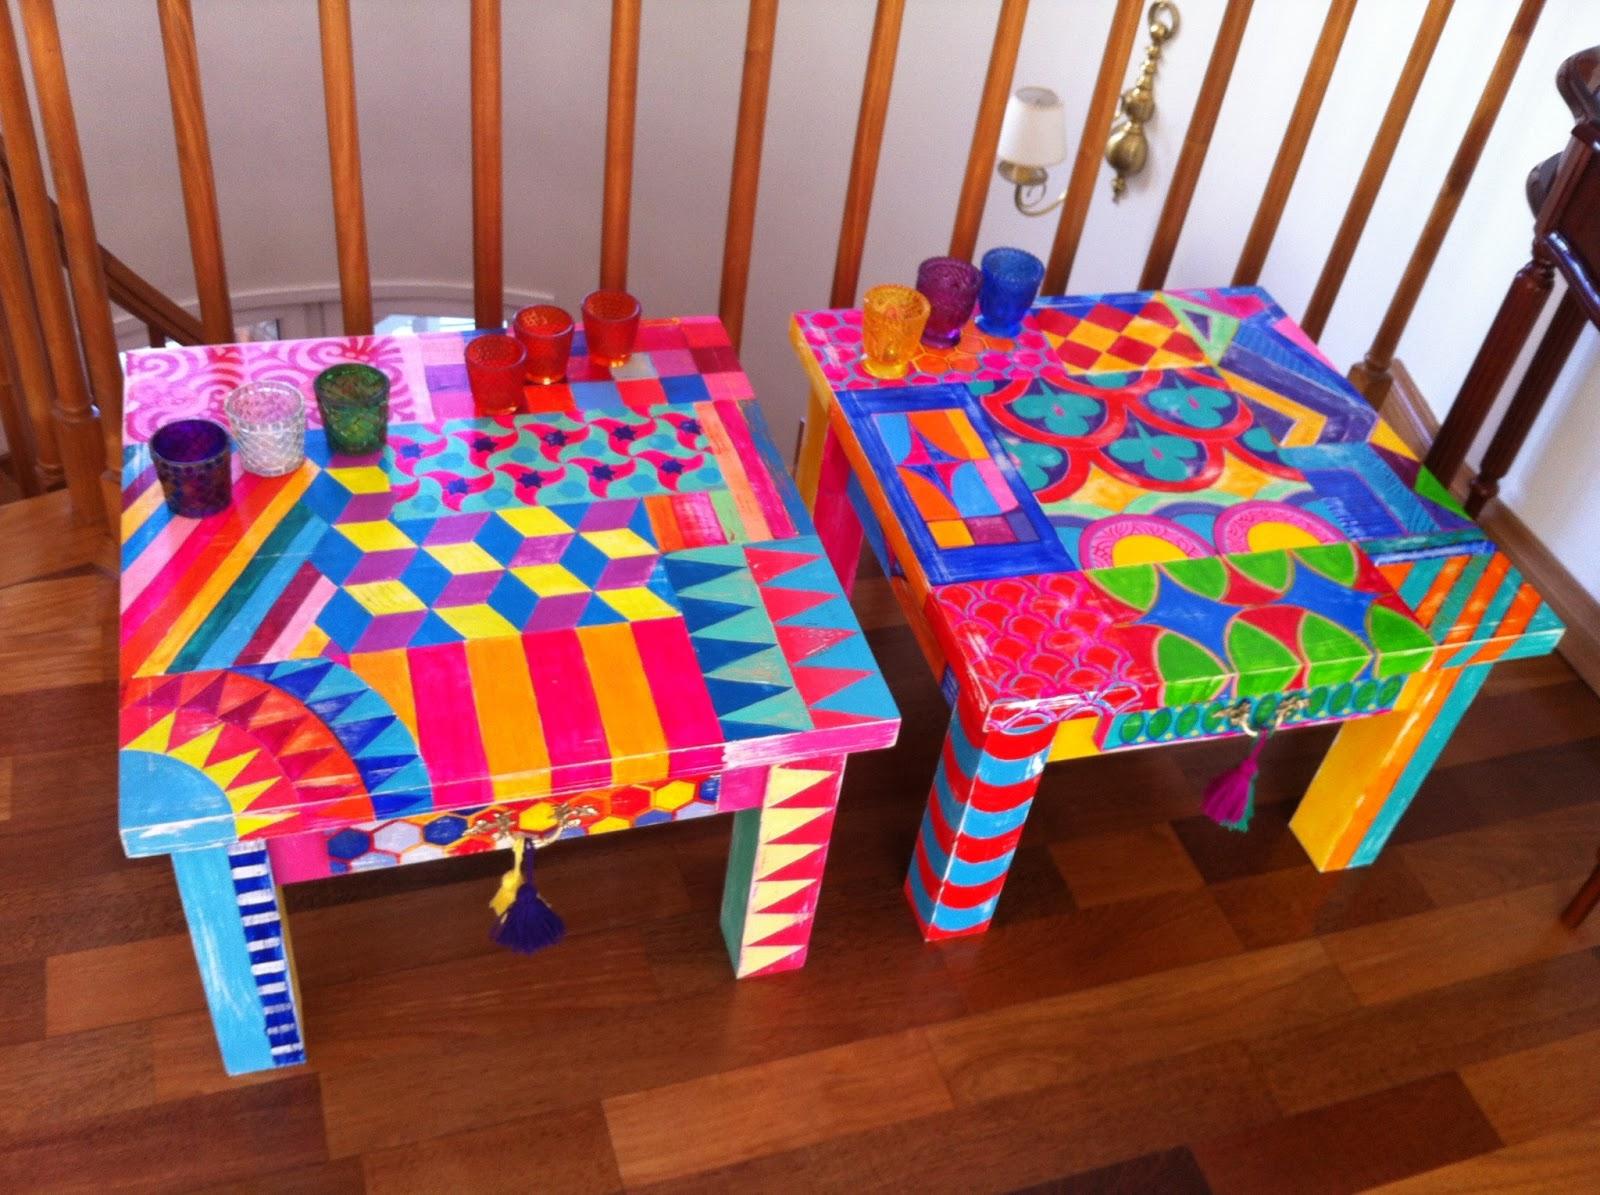 Vintouch muebles reciclados pintados a mano mesas for Muebles pintados a mano